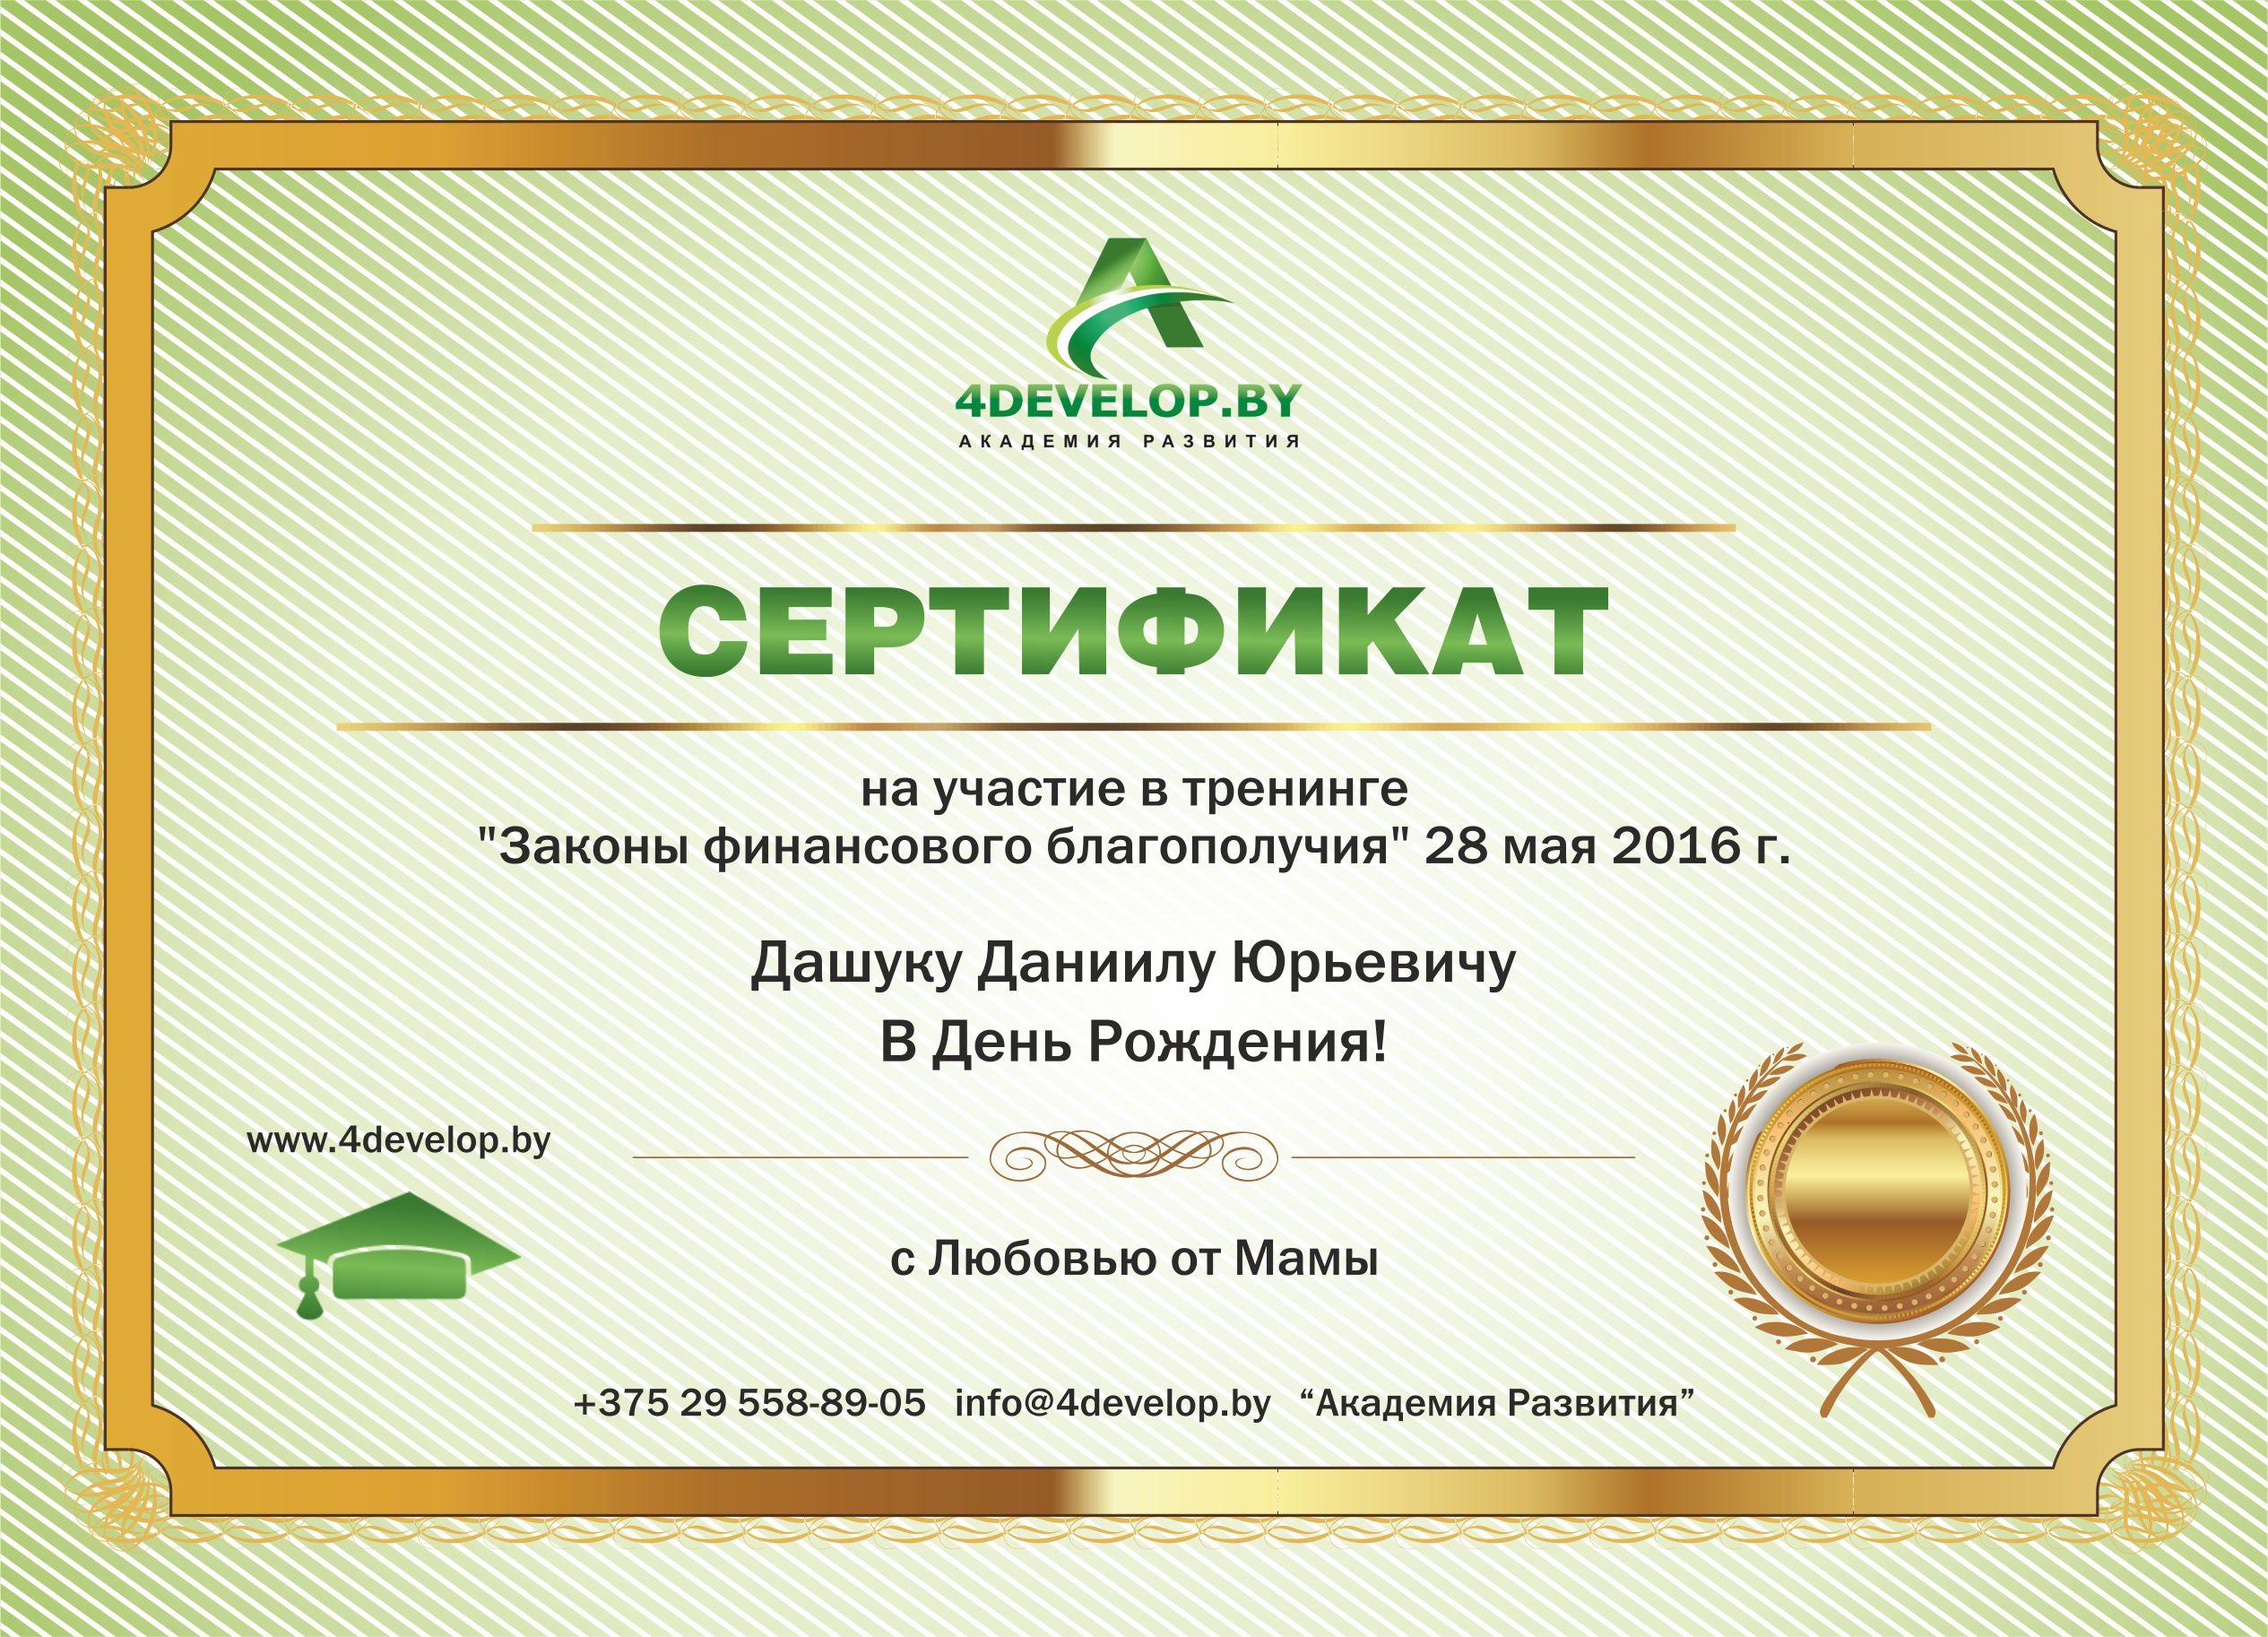 Сертификат Подарочный Академия Развития А5